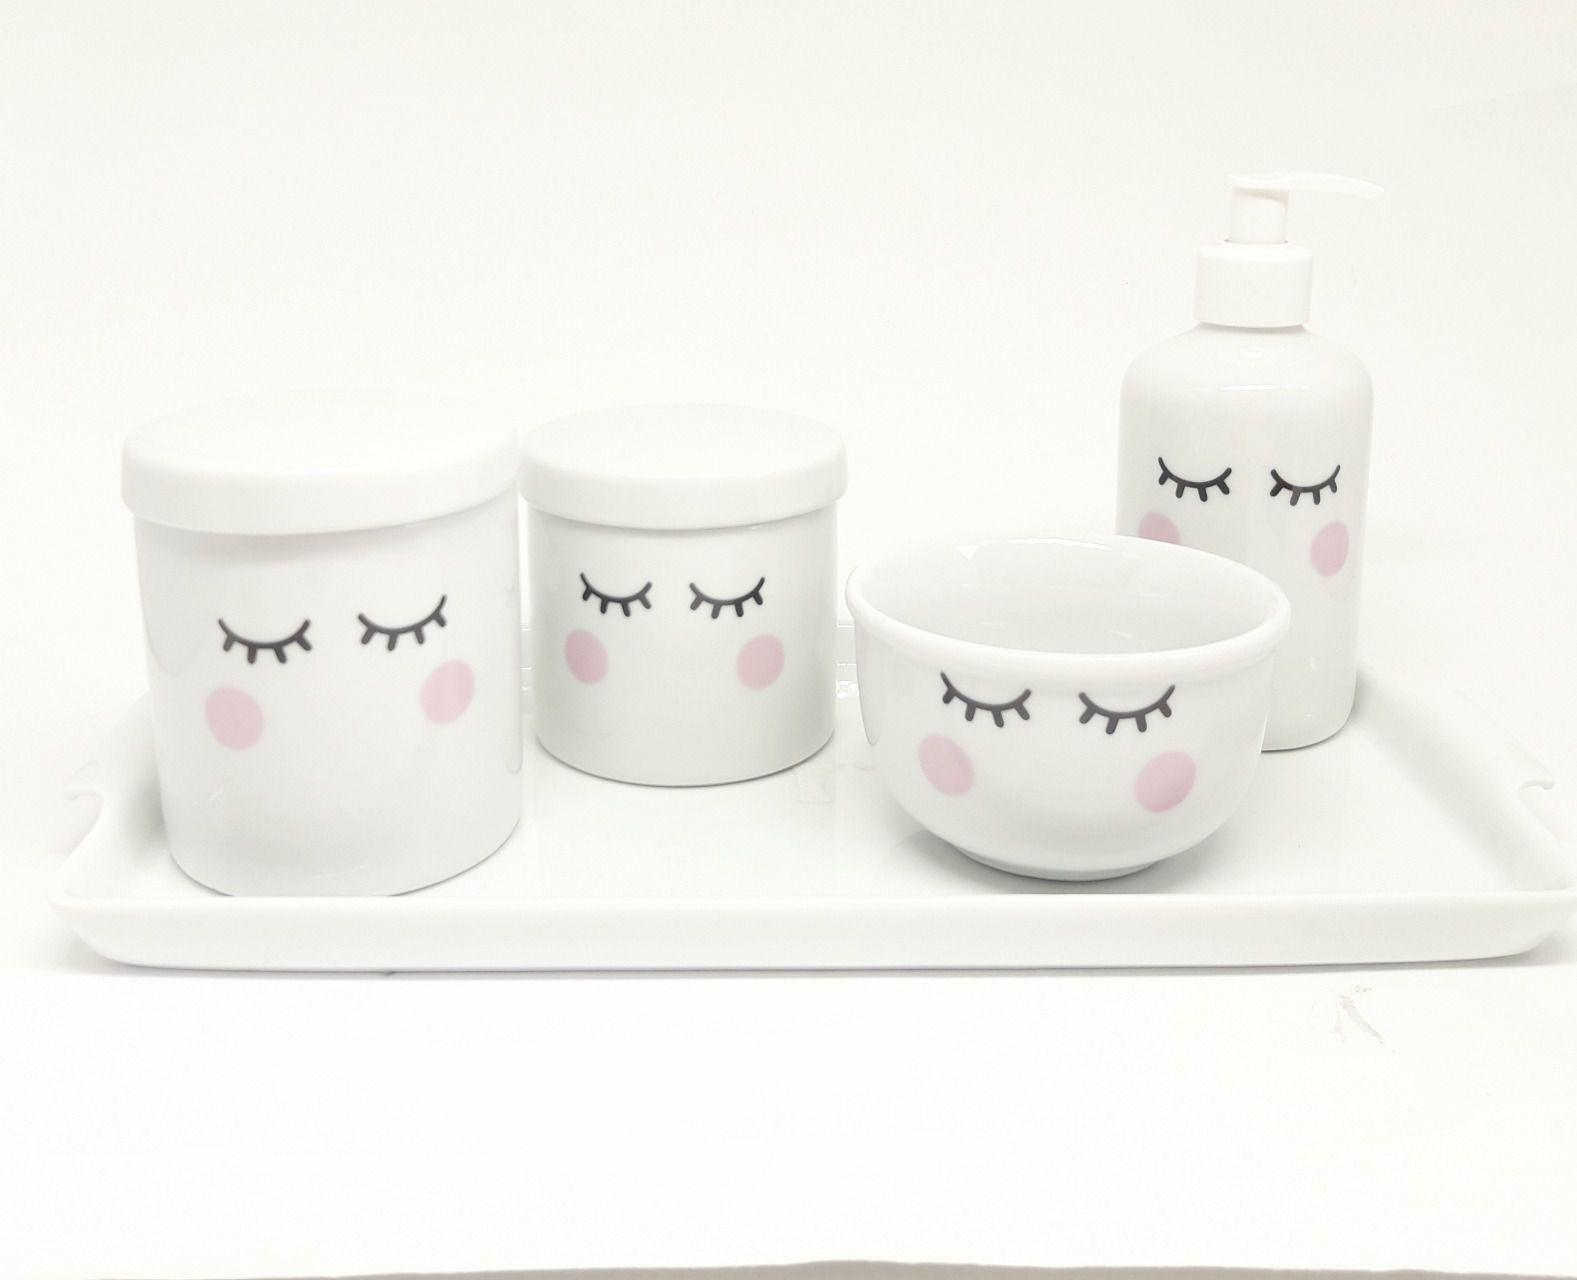 kit Higiene Bebê Porcelana |Olhinhos Cílios |com Bandeja em Porcelana